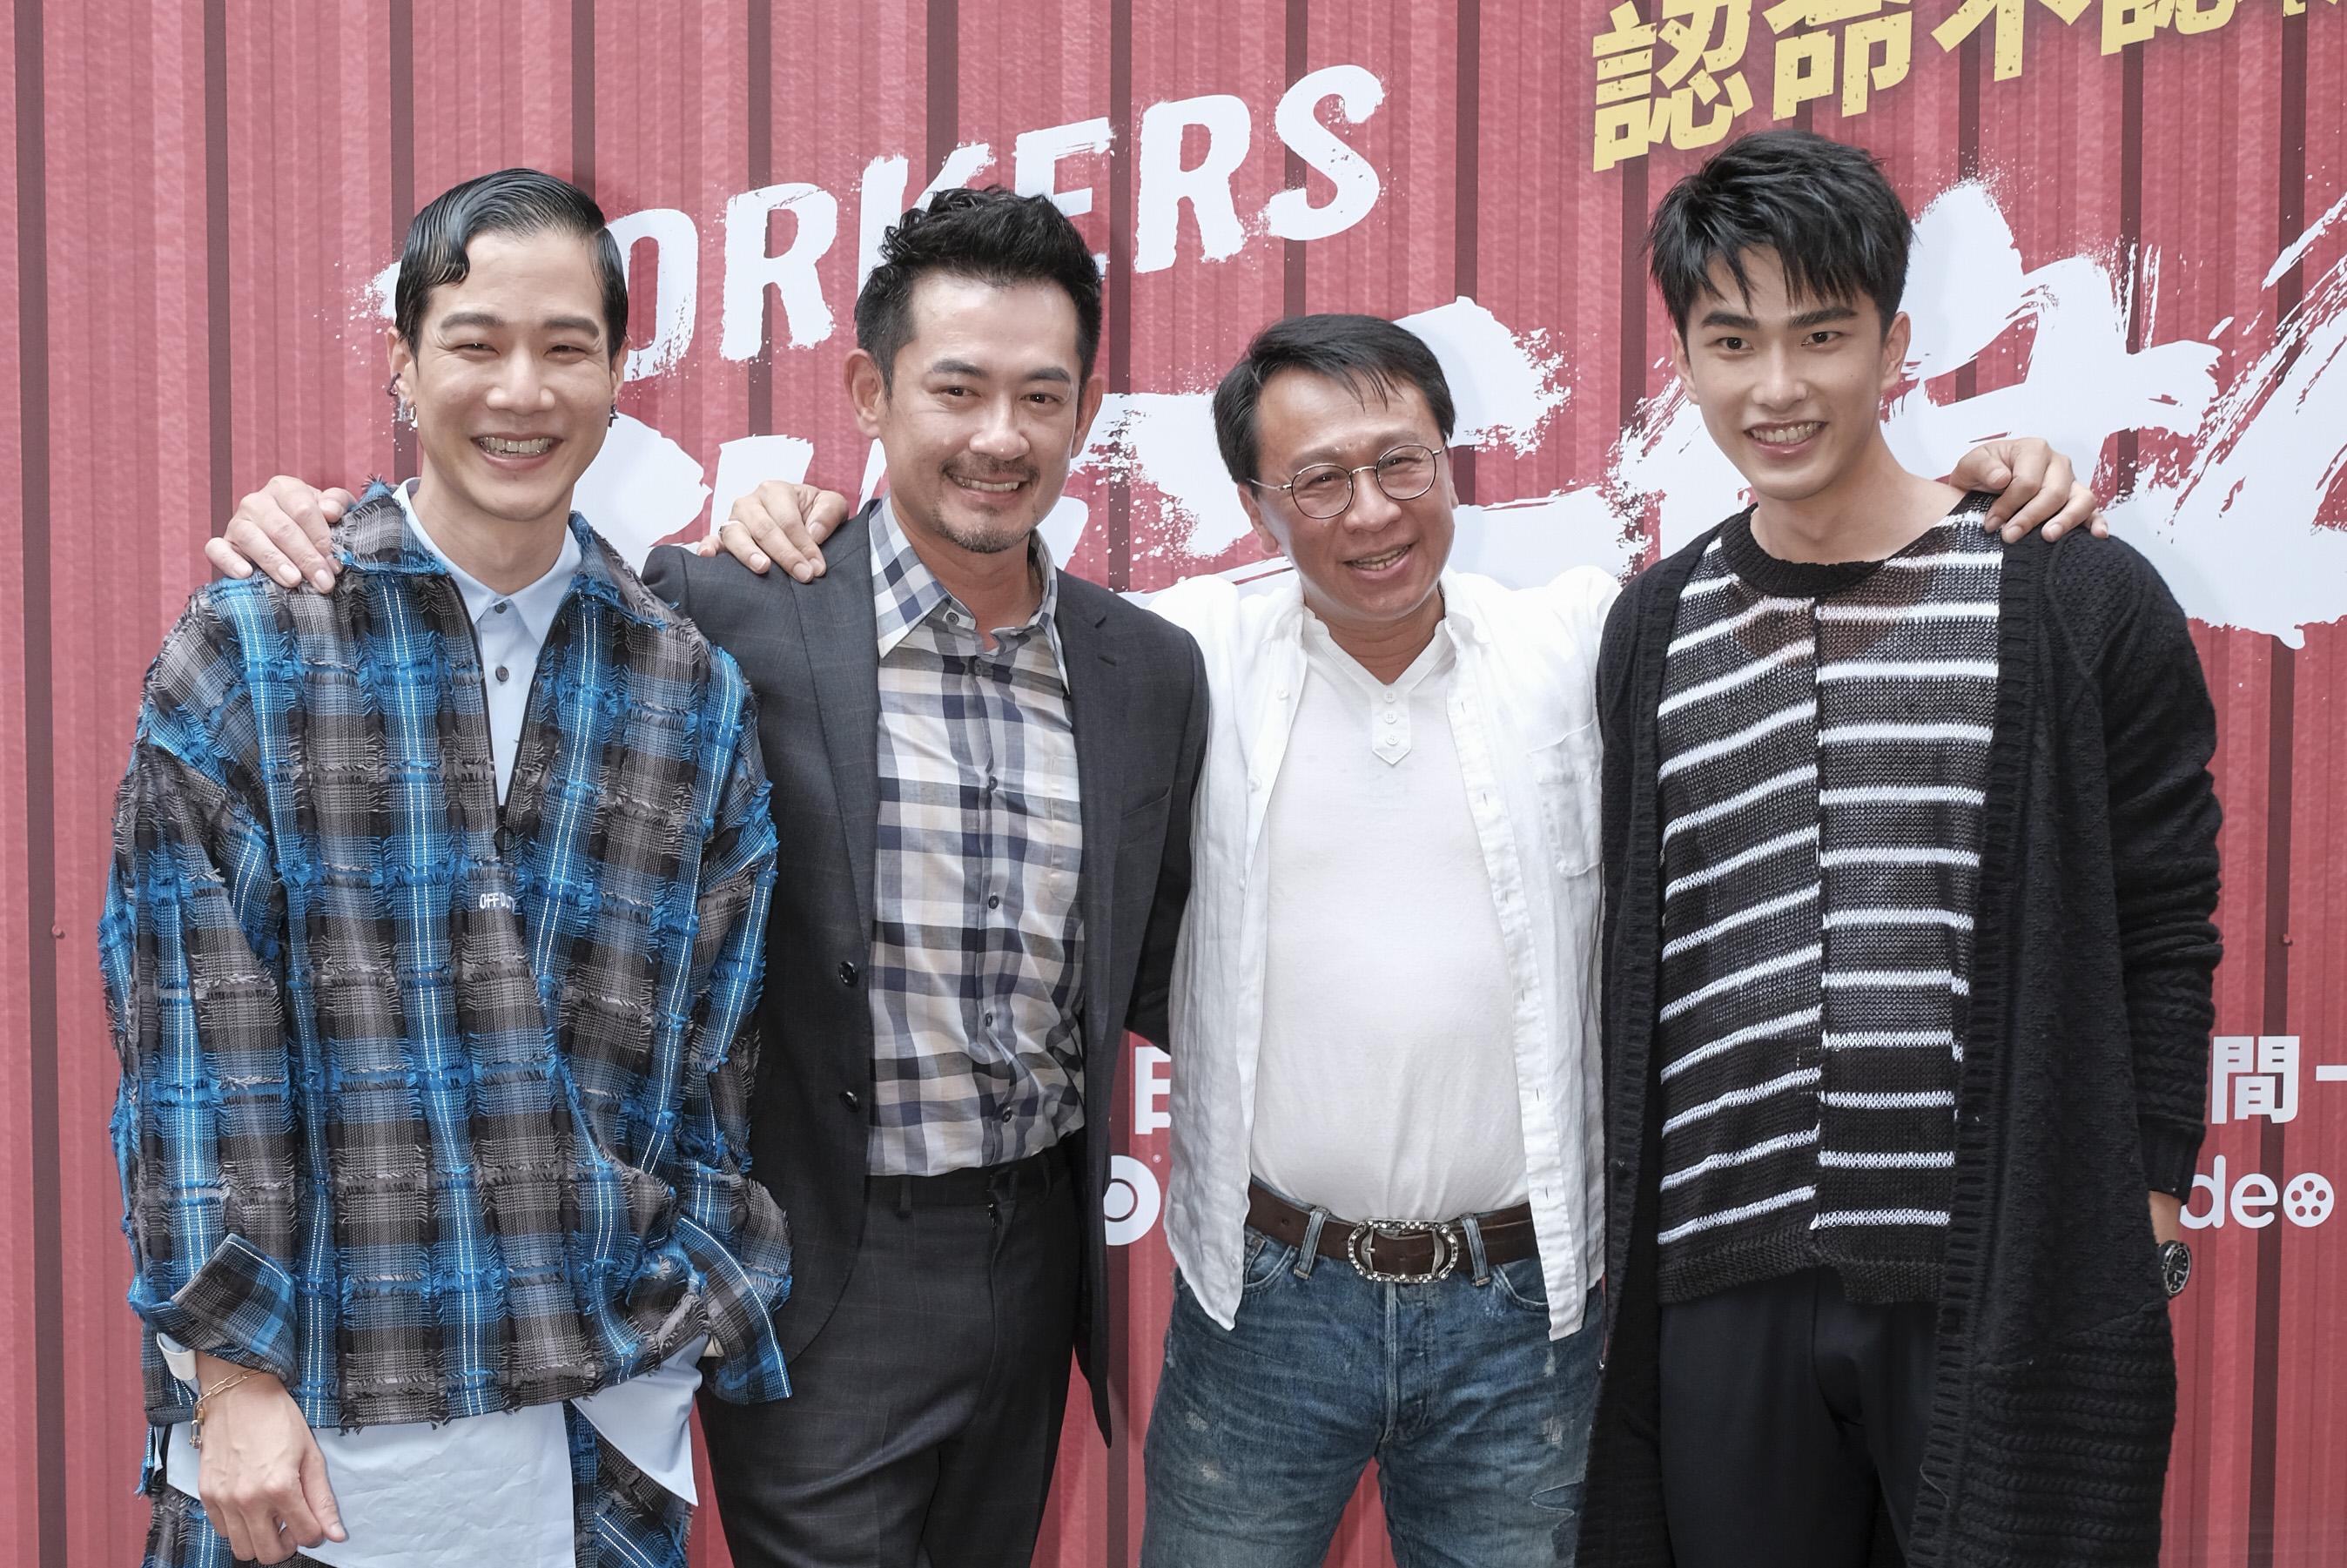 《做工的人》薛仕凌(左起)、柯叔元、游安順、曾敬驊,出席首播記者會_大慕影藝提供